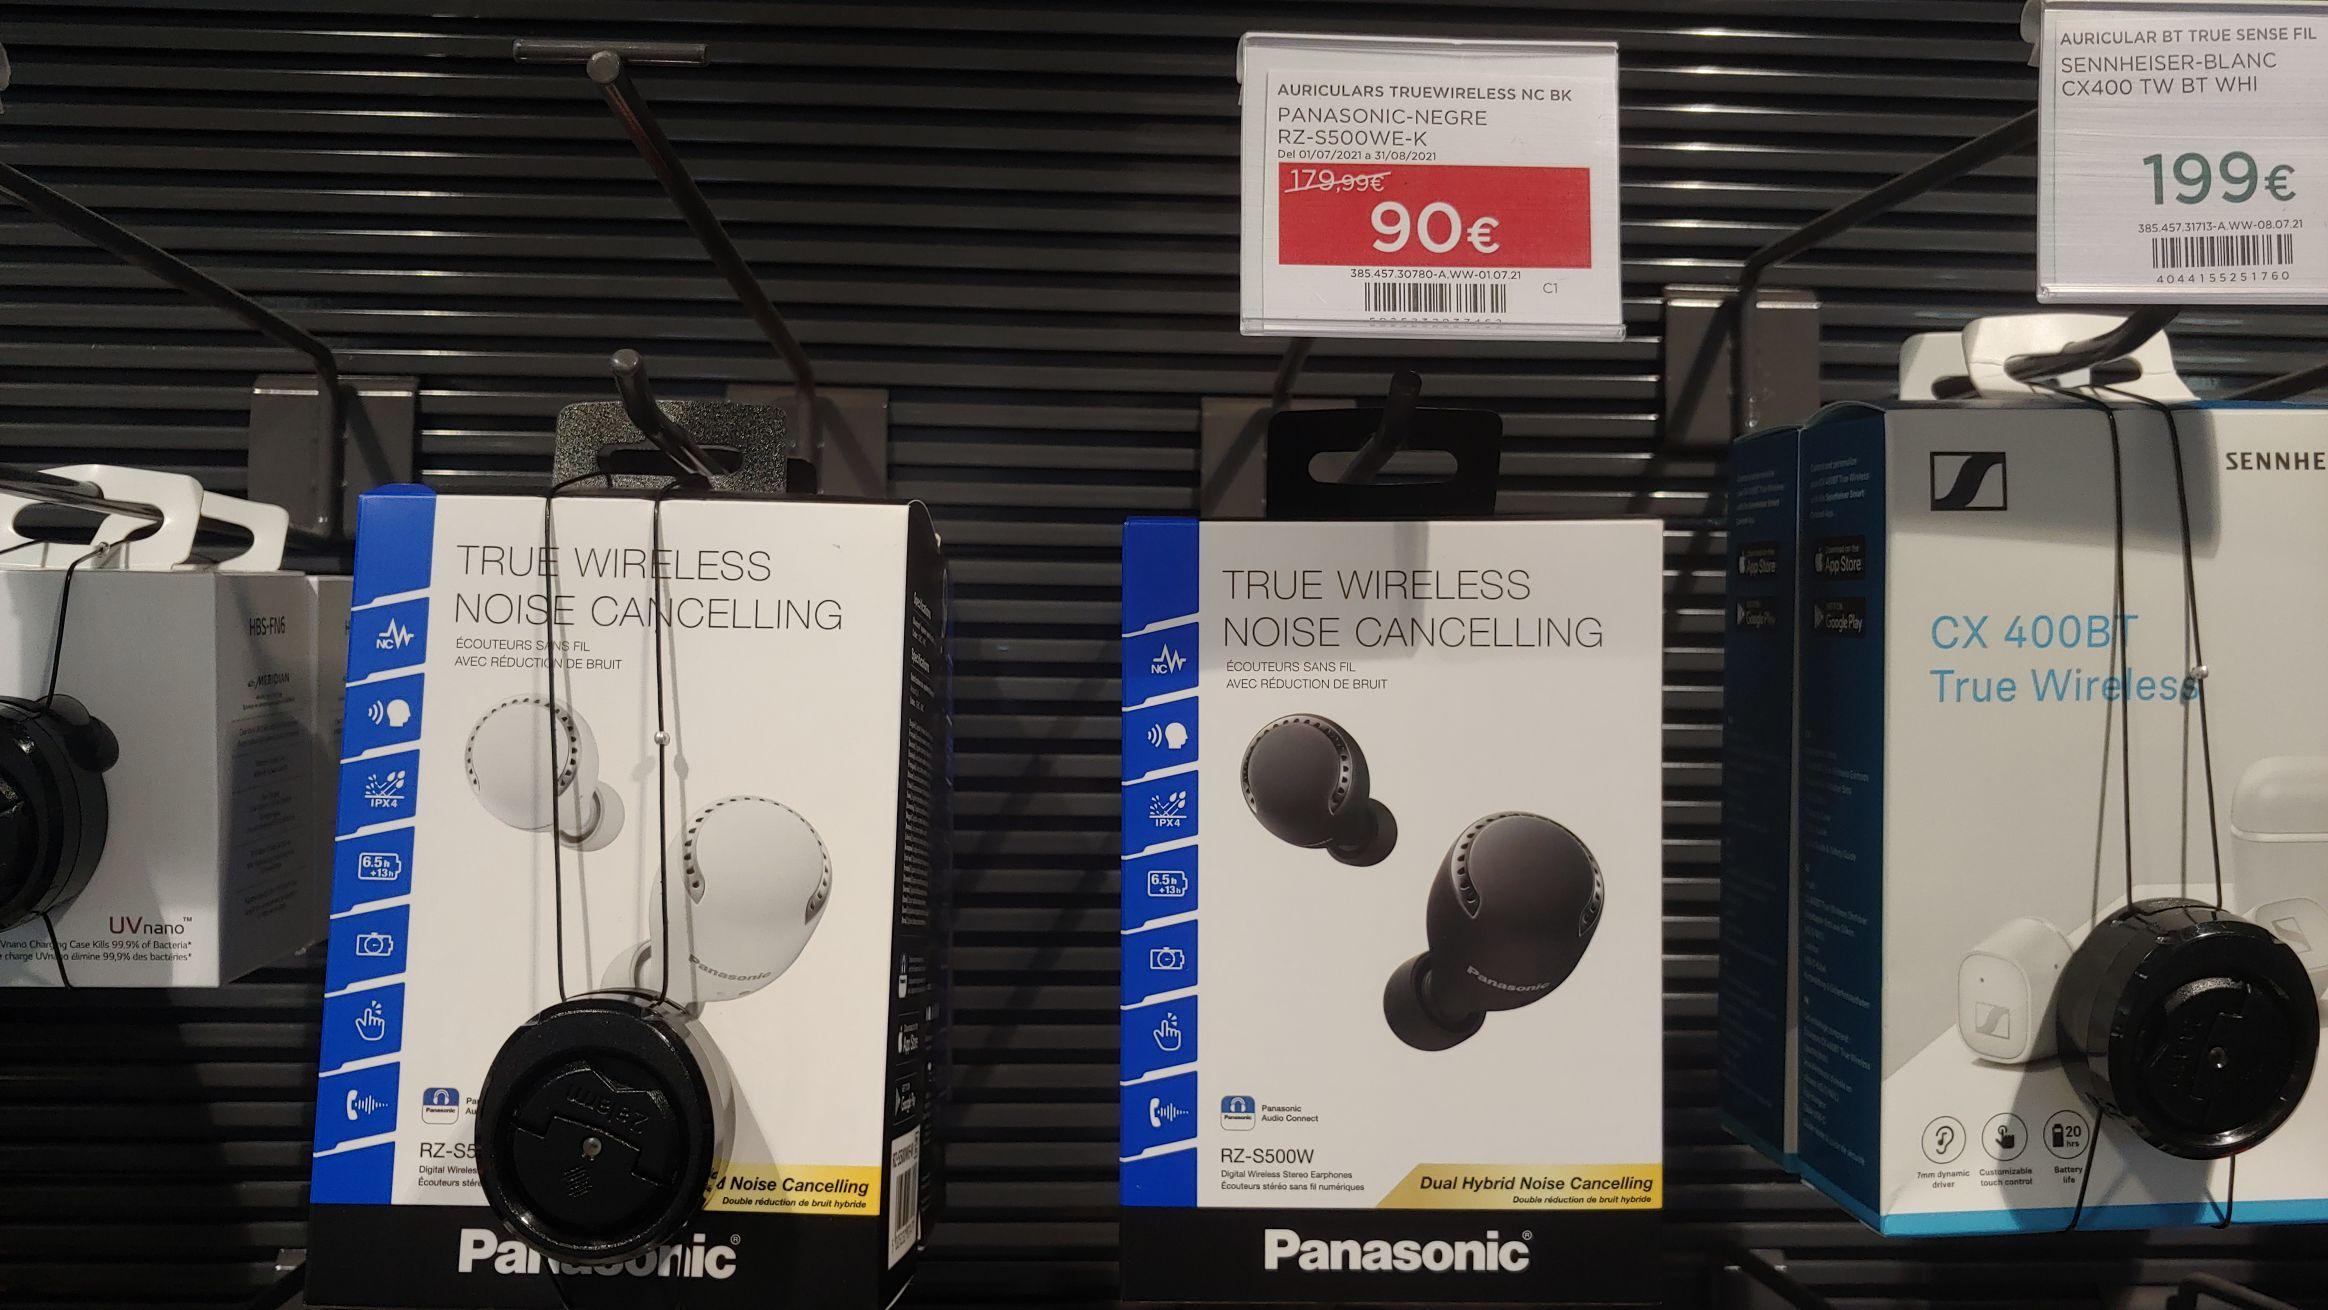 50% DESCUENTO!! Auriculares True Wireless con cancelacion dual de ruido.